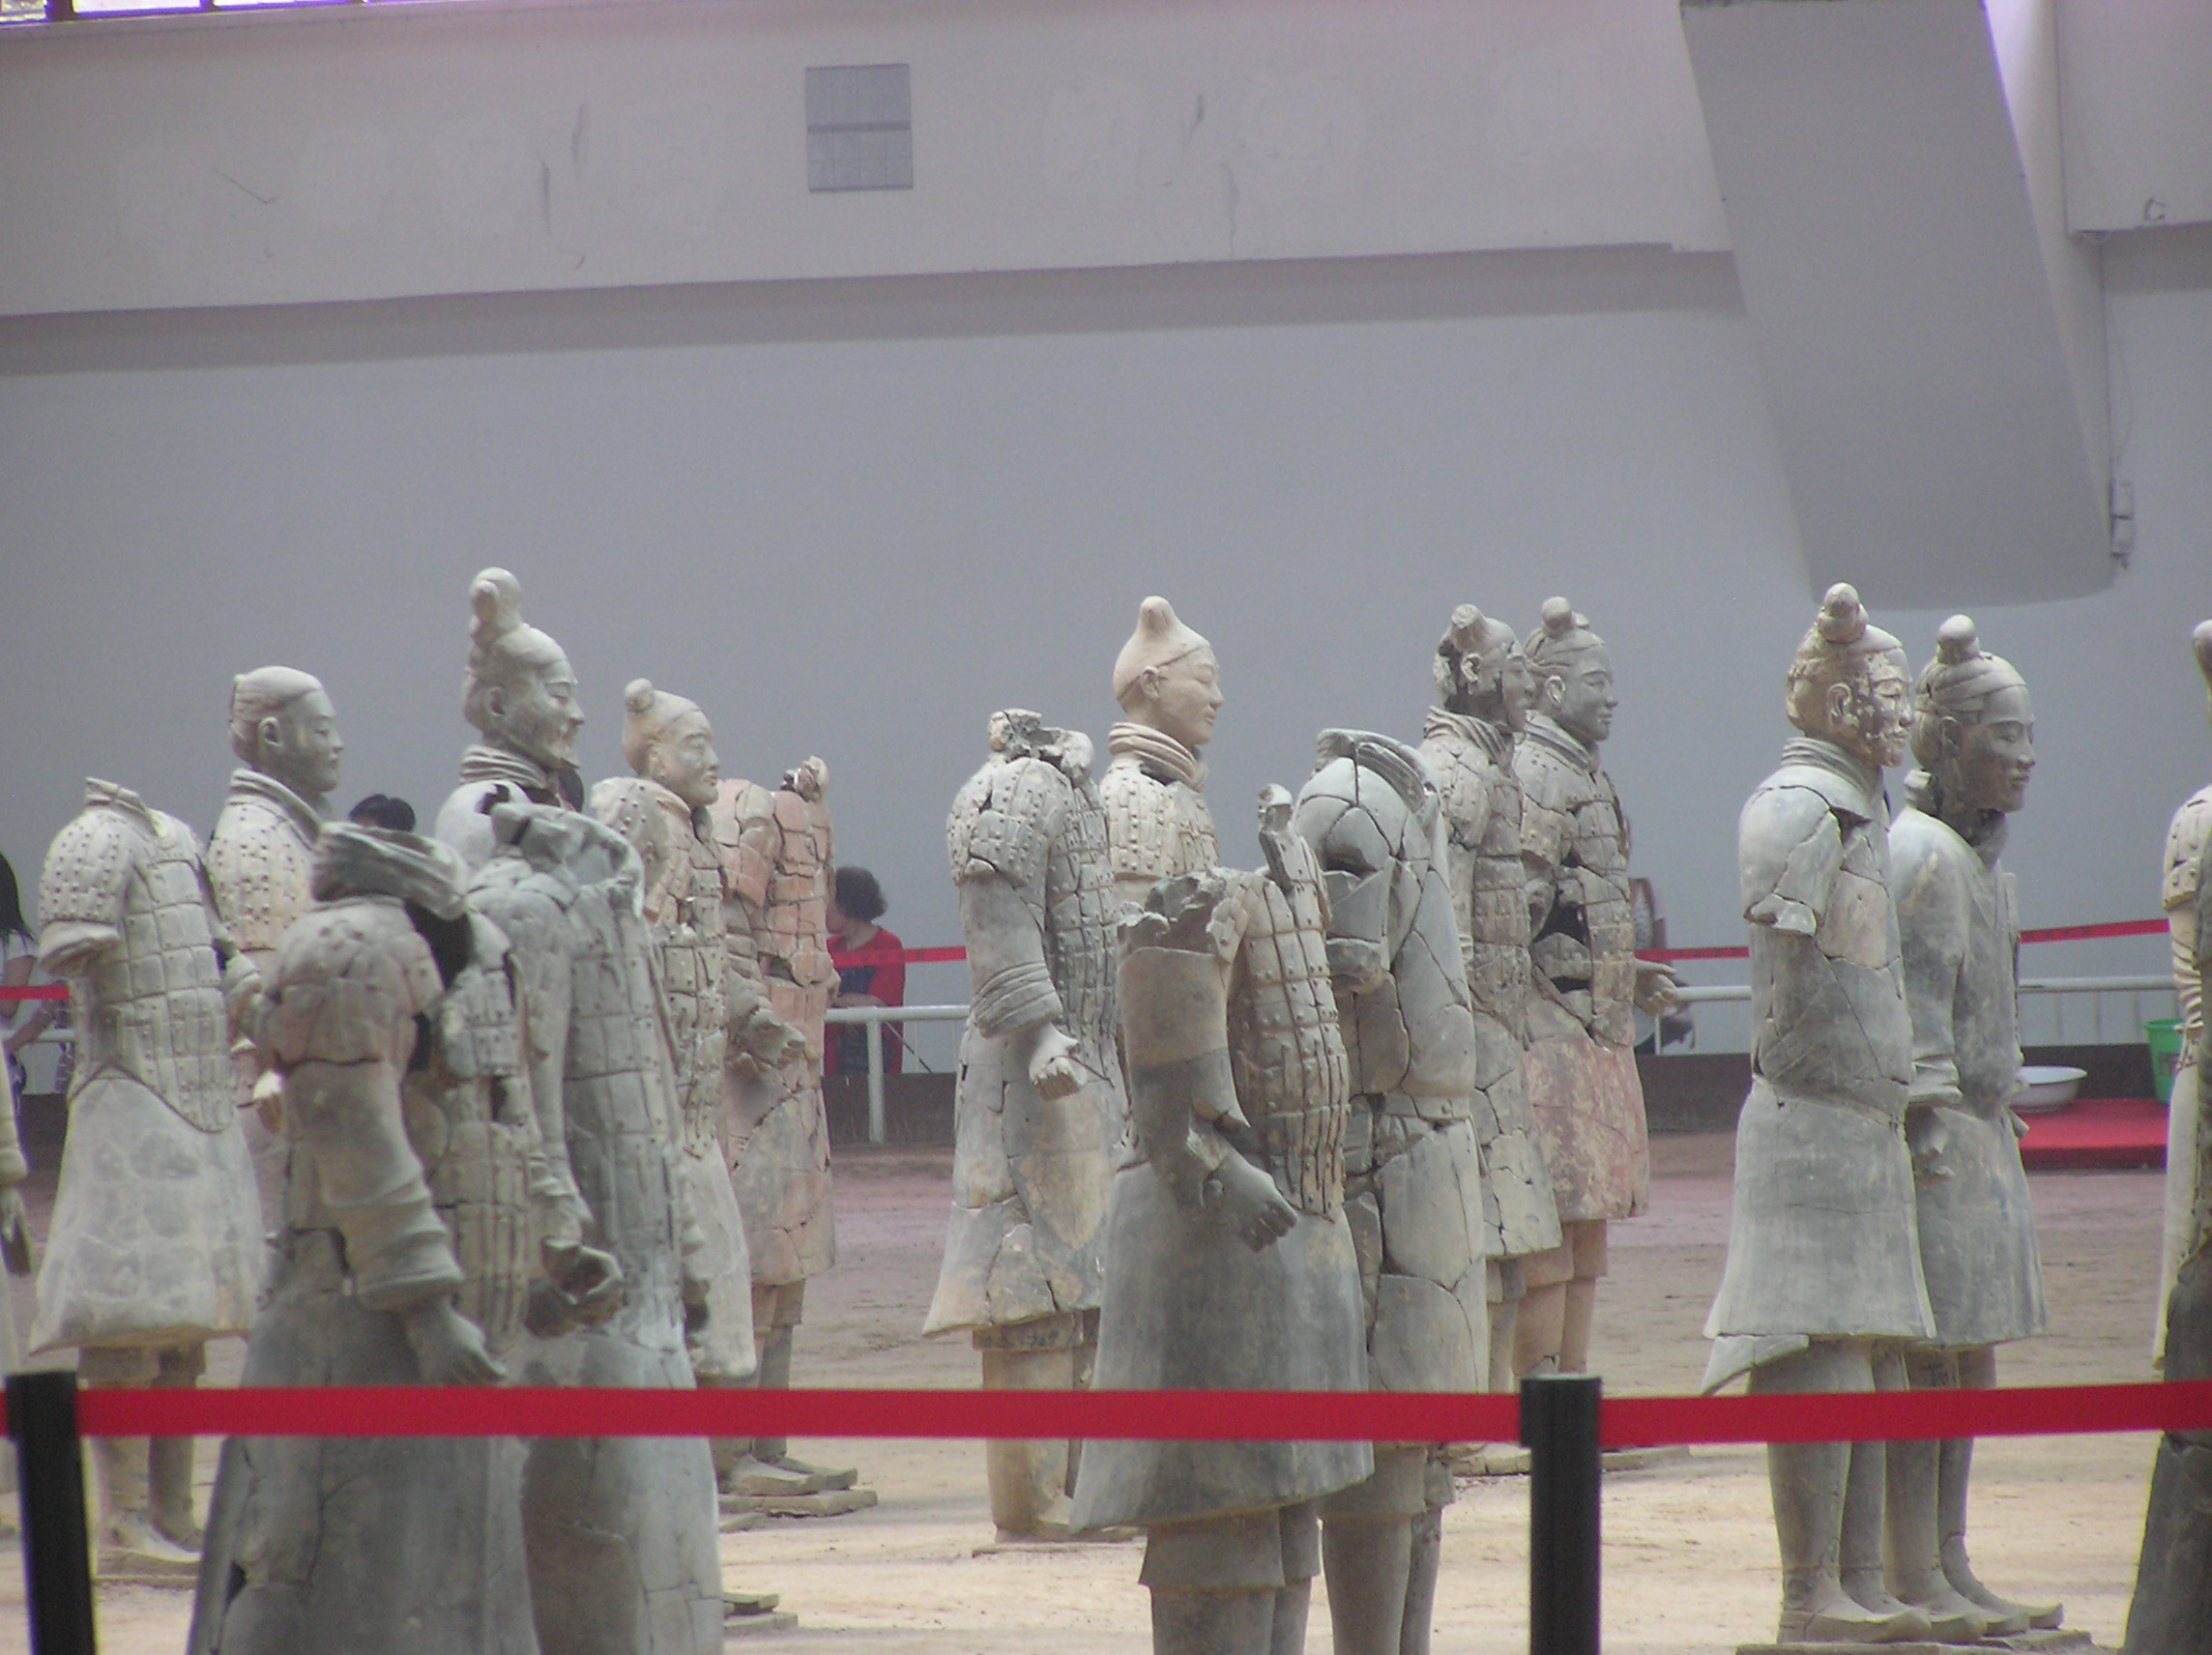 西安咸阳机场到兵马俑应该怎样坐车?大概时间?